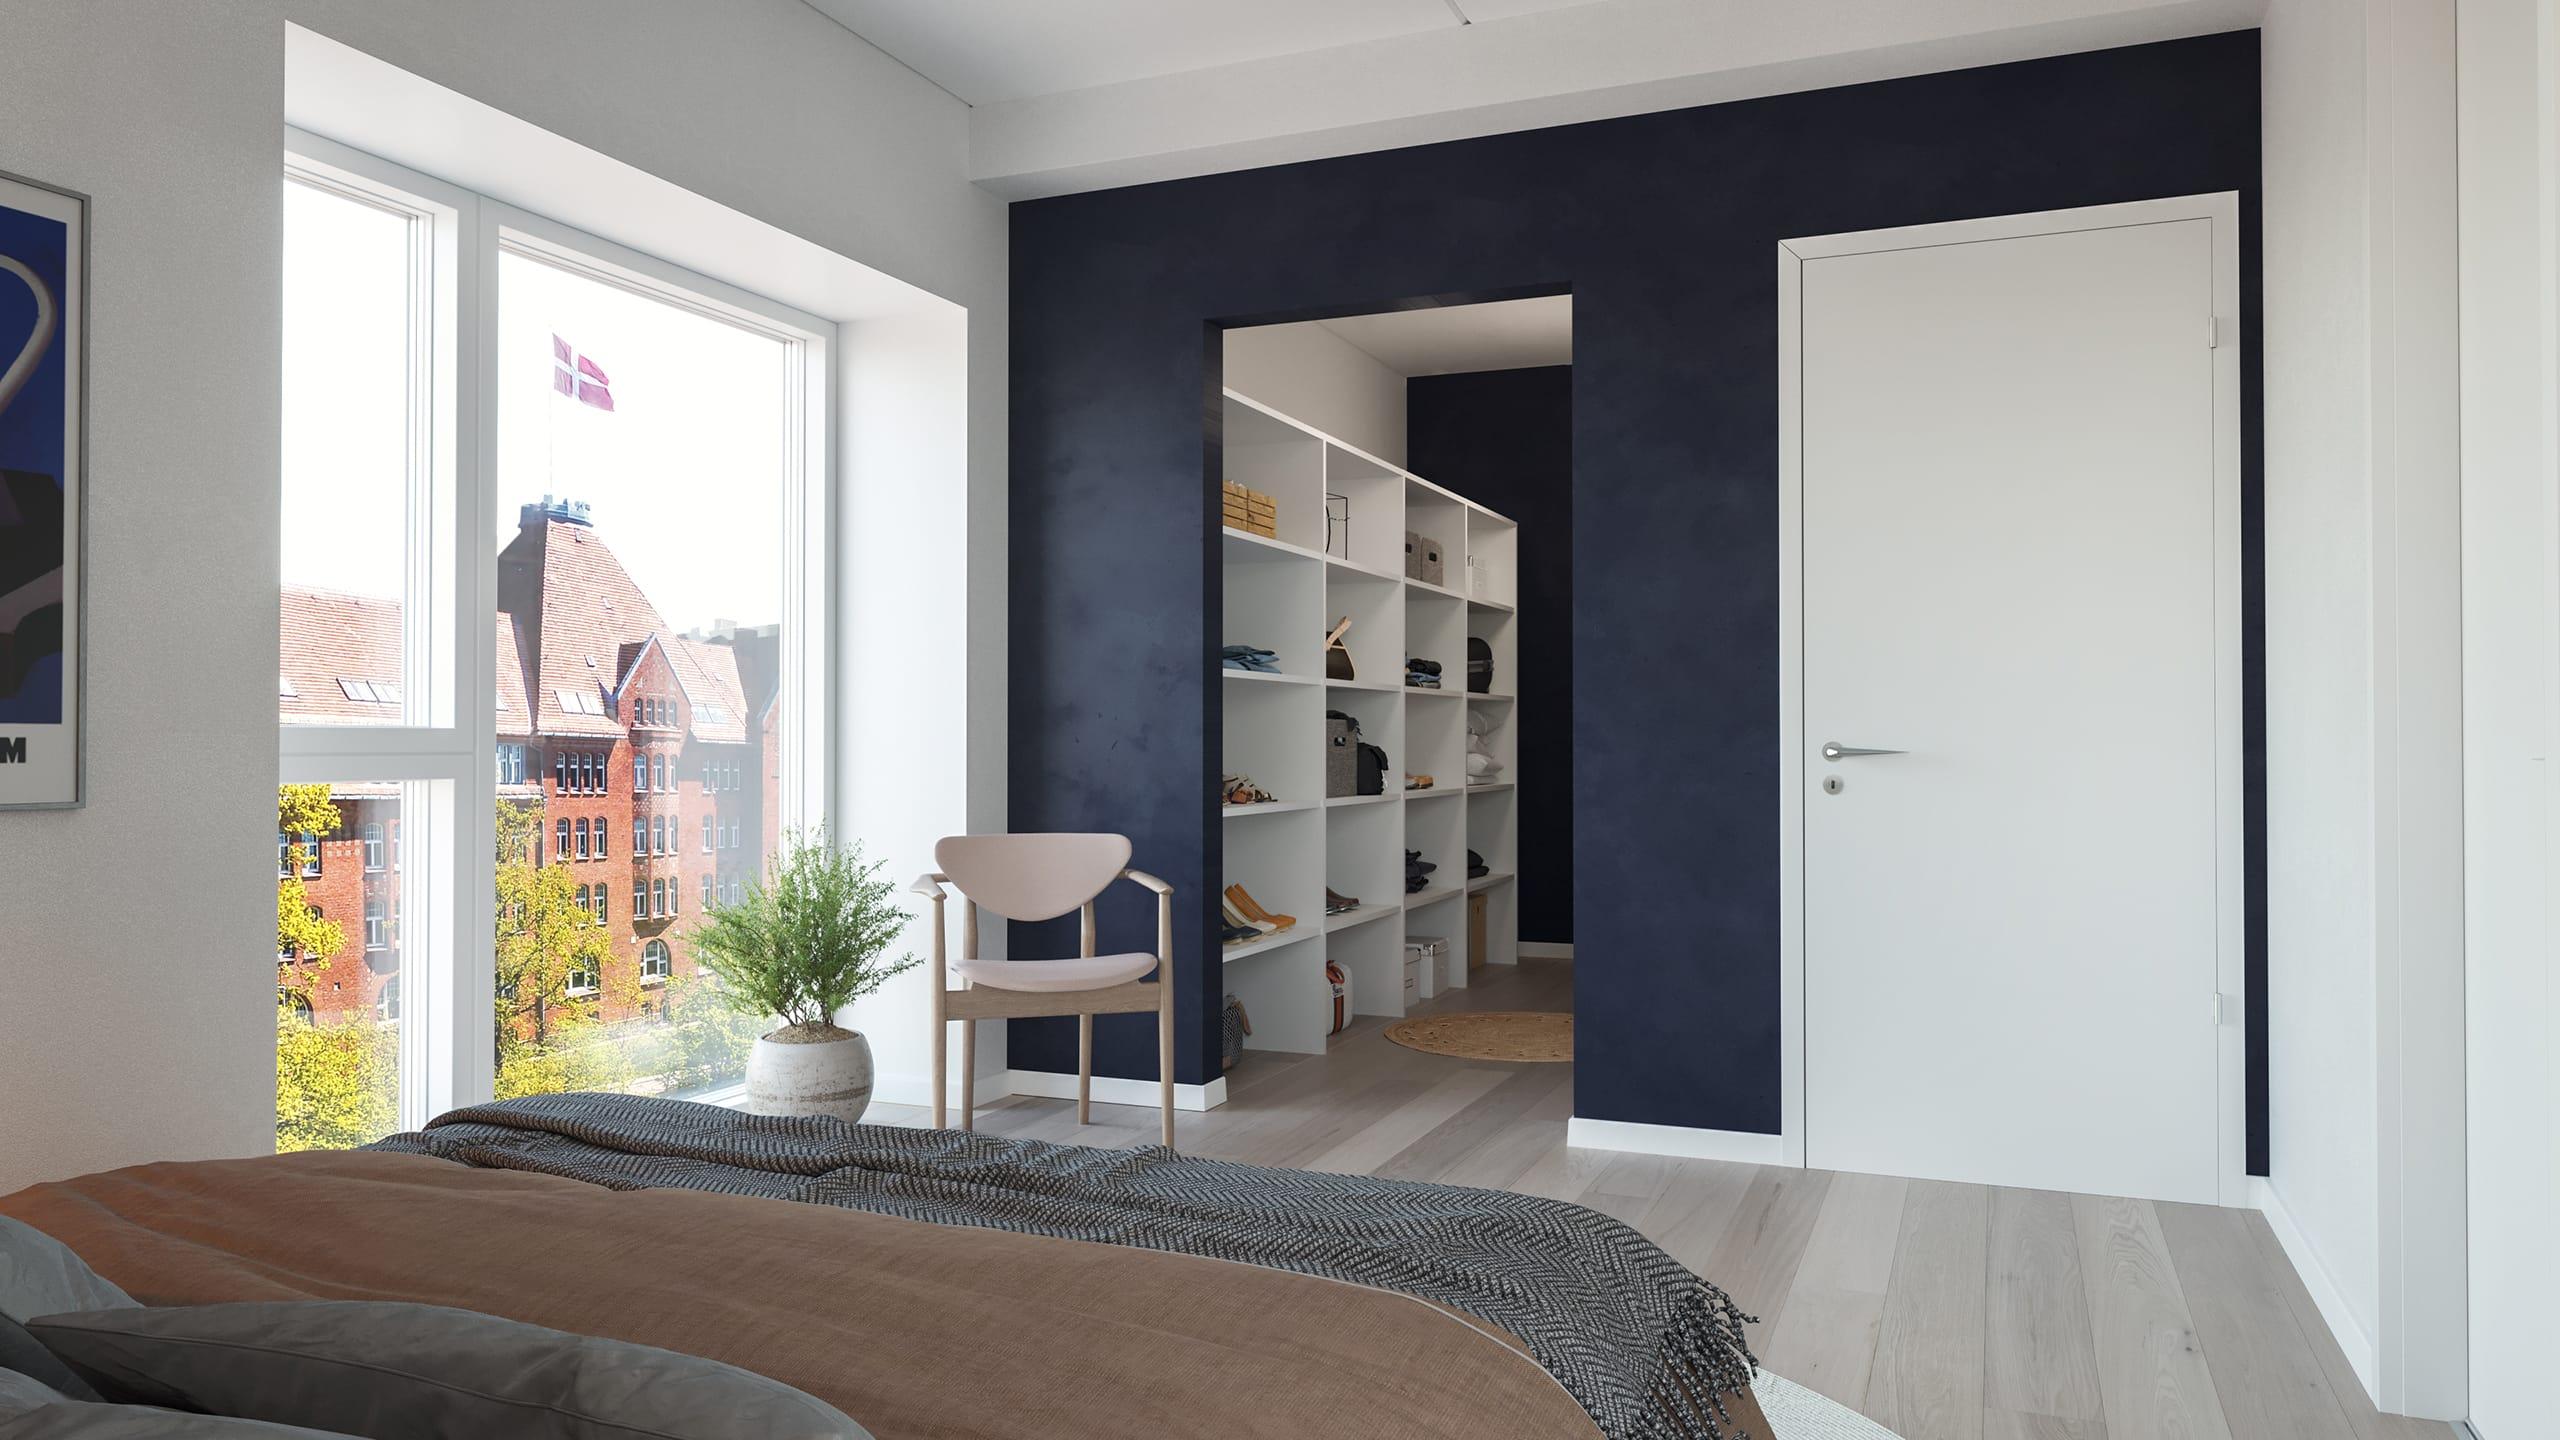 Kongebro-Huset - Lejlighed 28 - Penthouse, 6. sal - Soveværelse